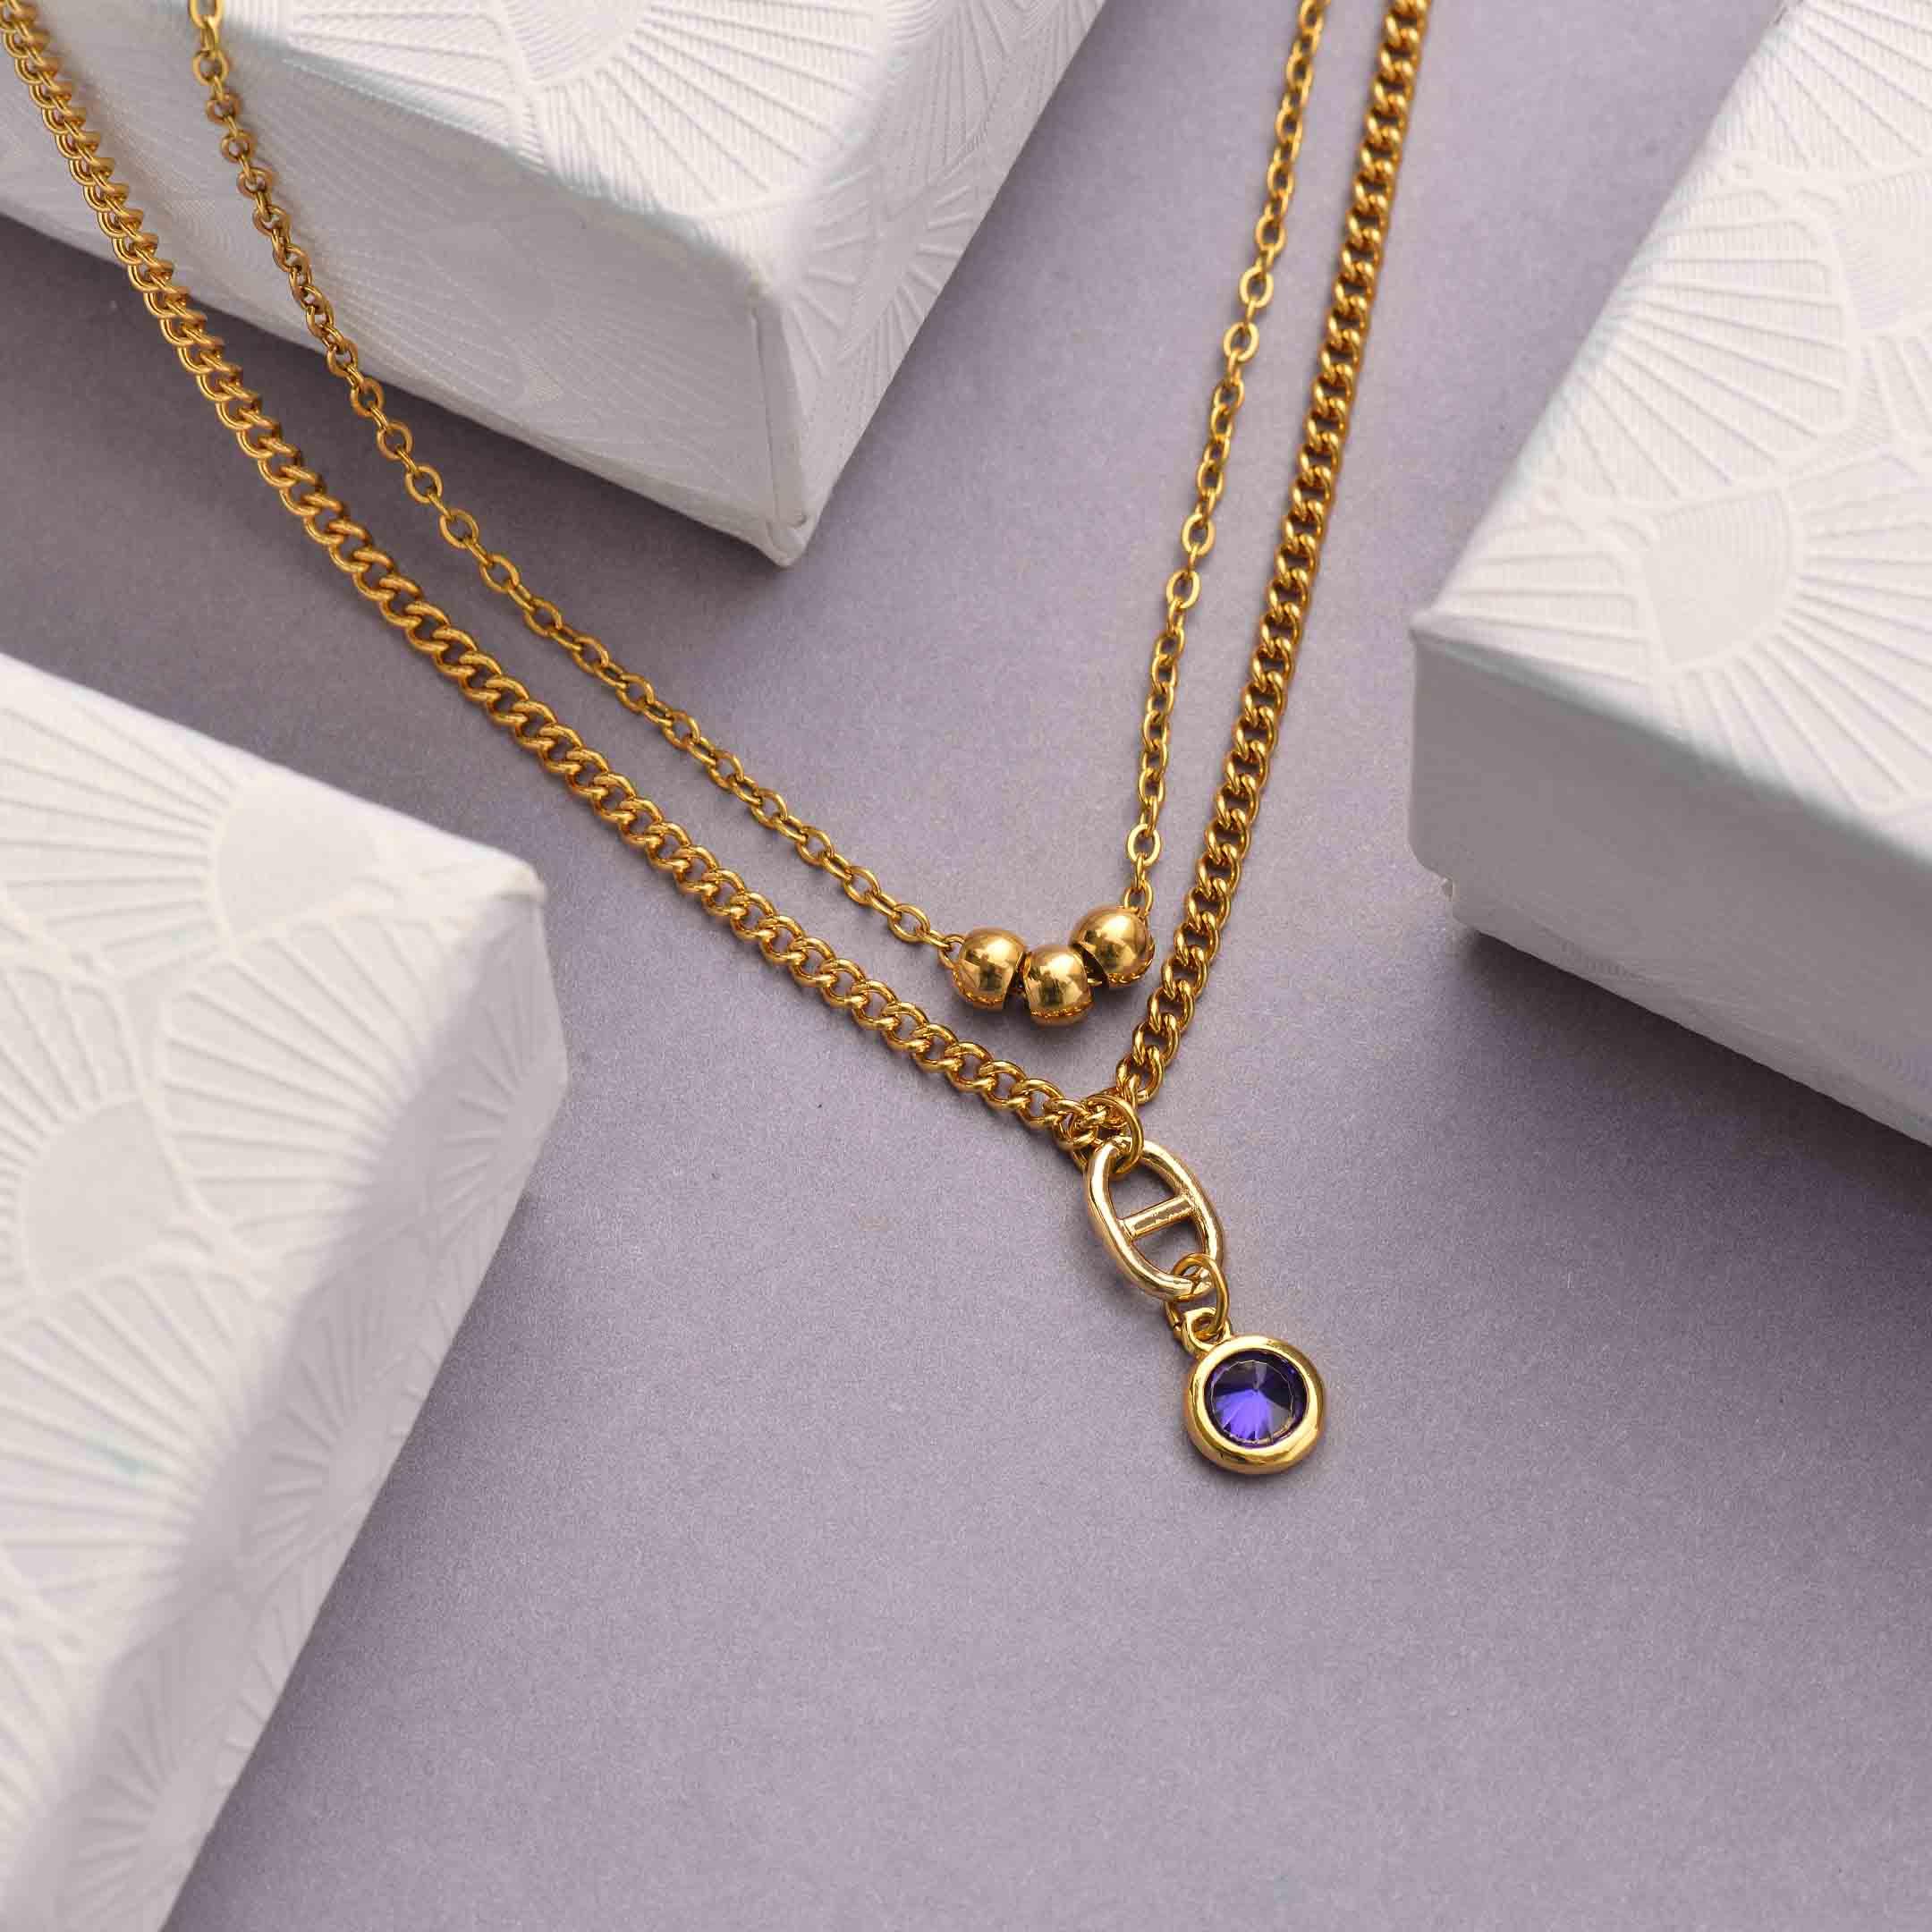 Collares de Acero Inoxidable para Mujer al por Mayor -SSNEG142-33808